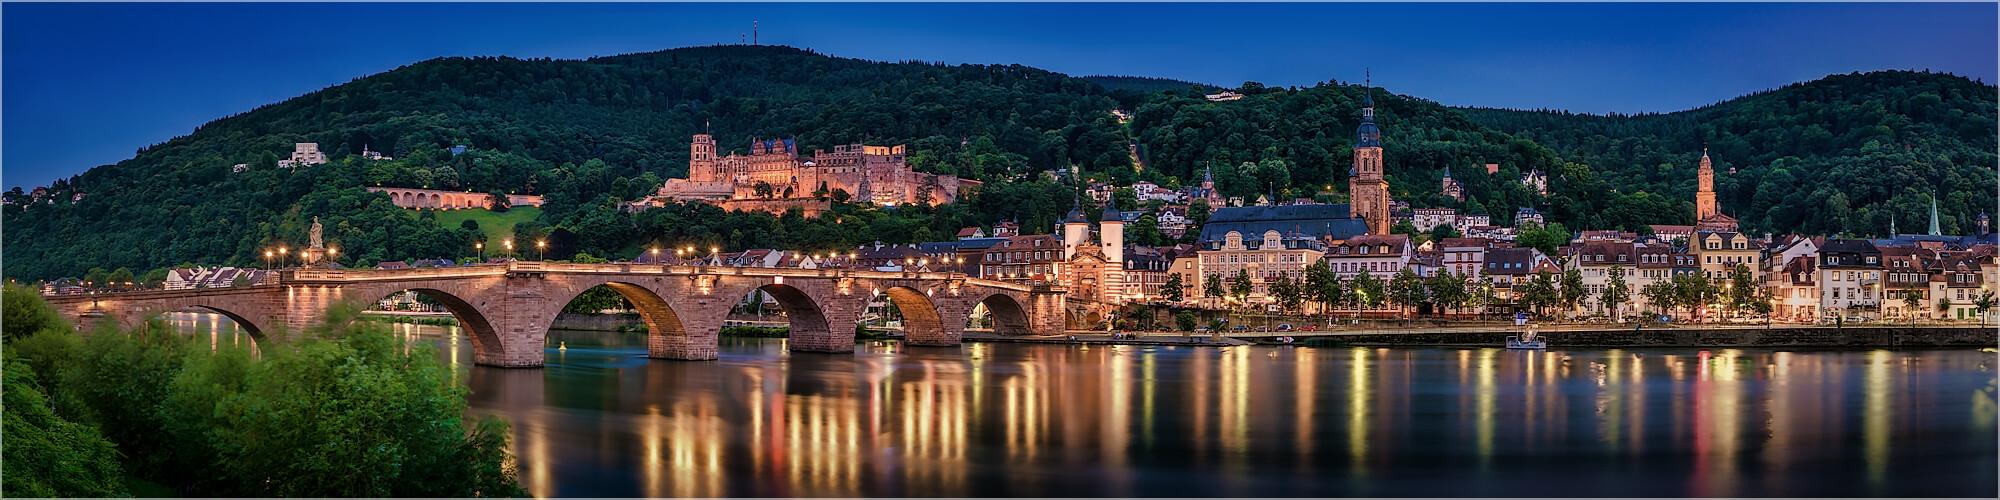 Panoramabild Heidelberger Skyline am Neckar